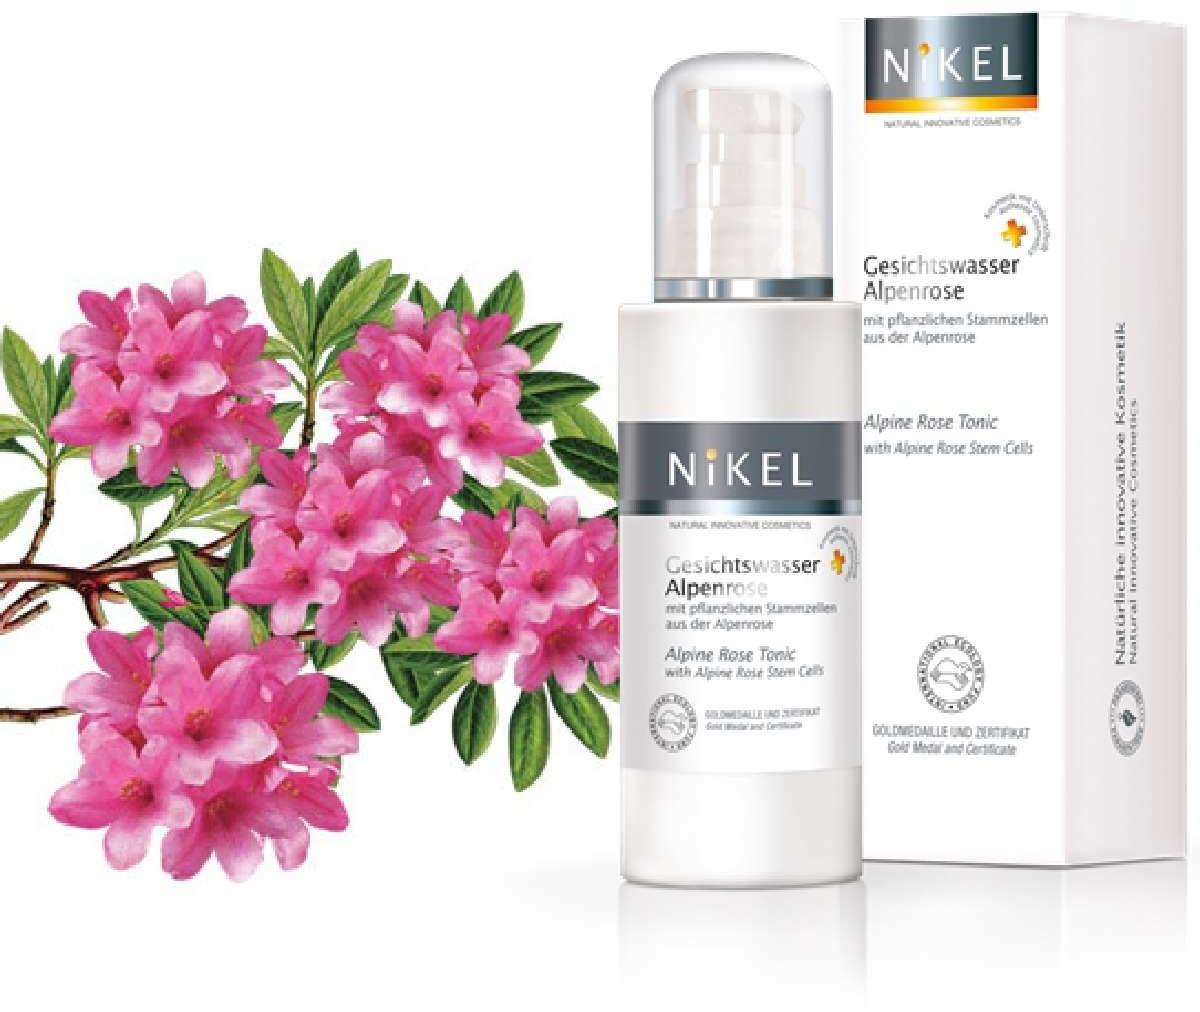 NiKEL tonik z komórkami macierzystymi róży alpejskiej, 125 ml